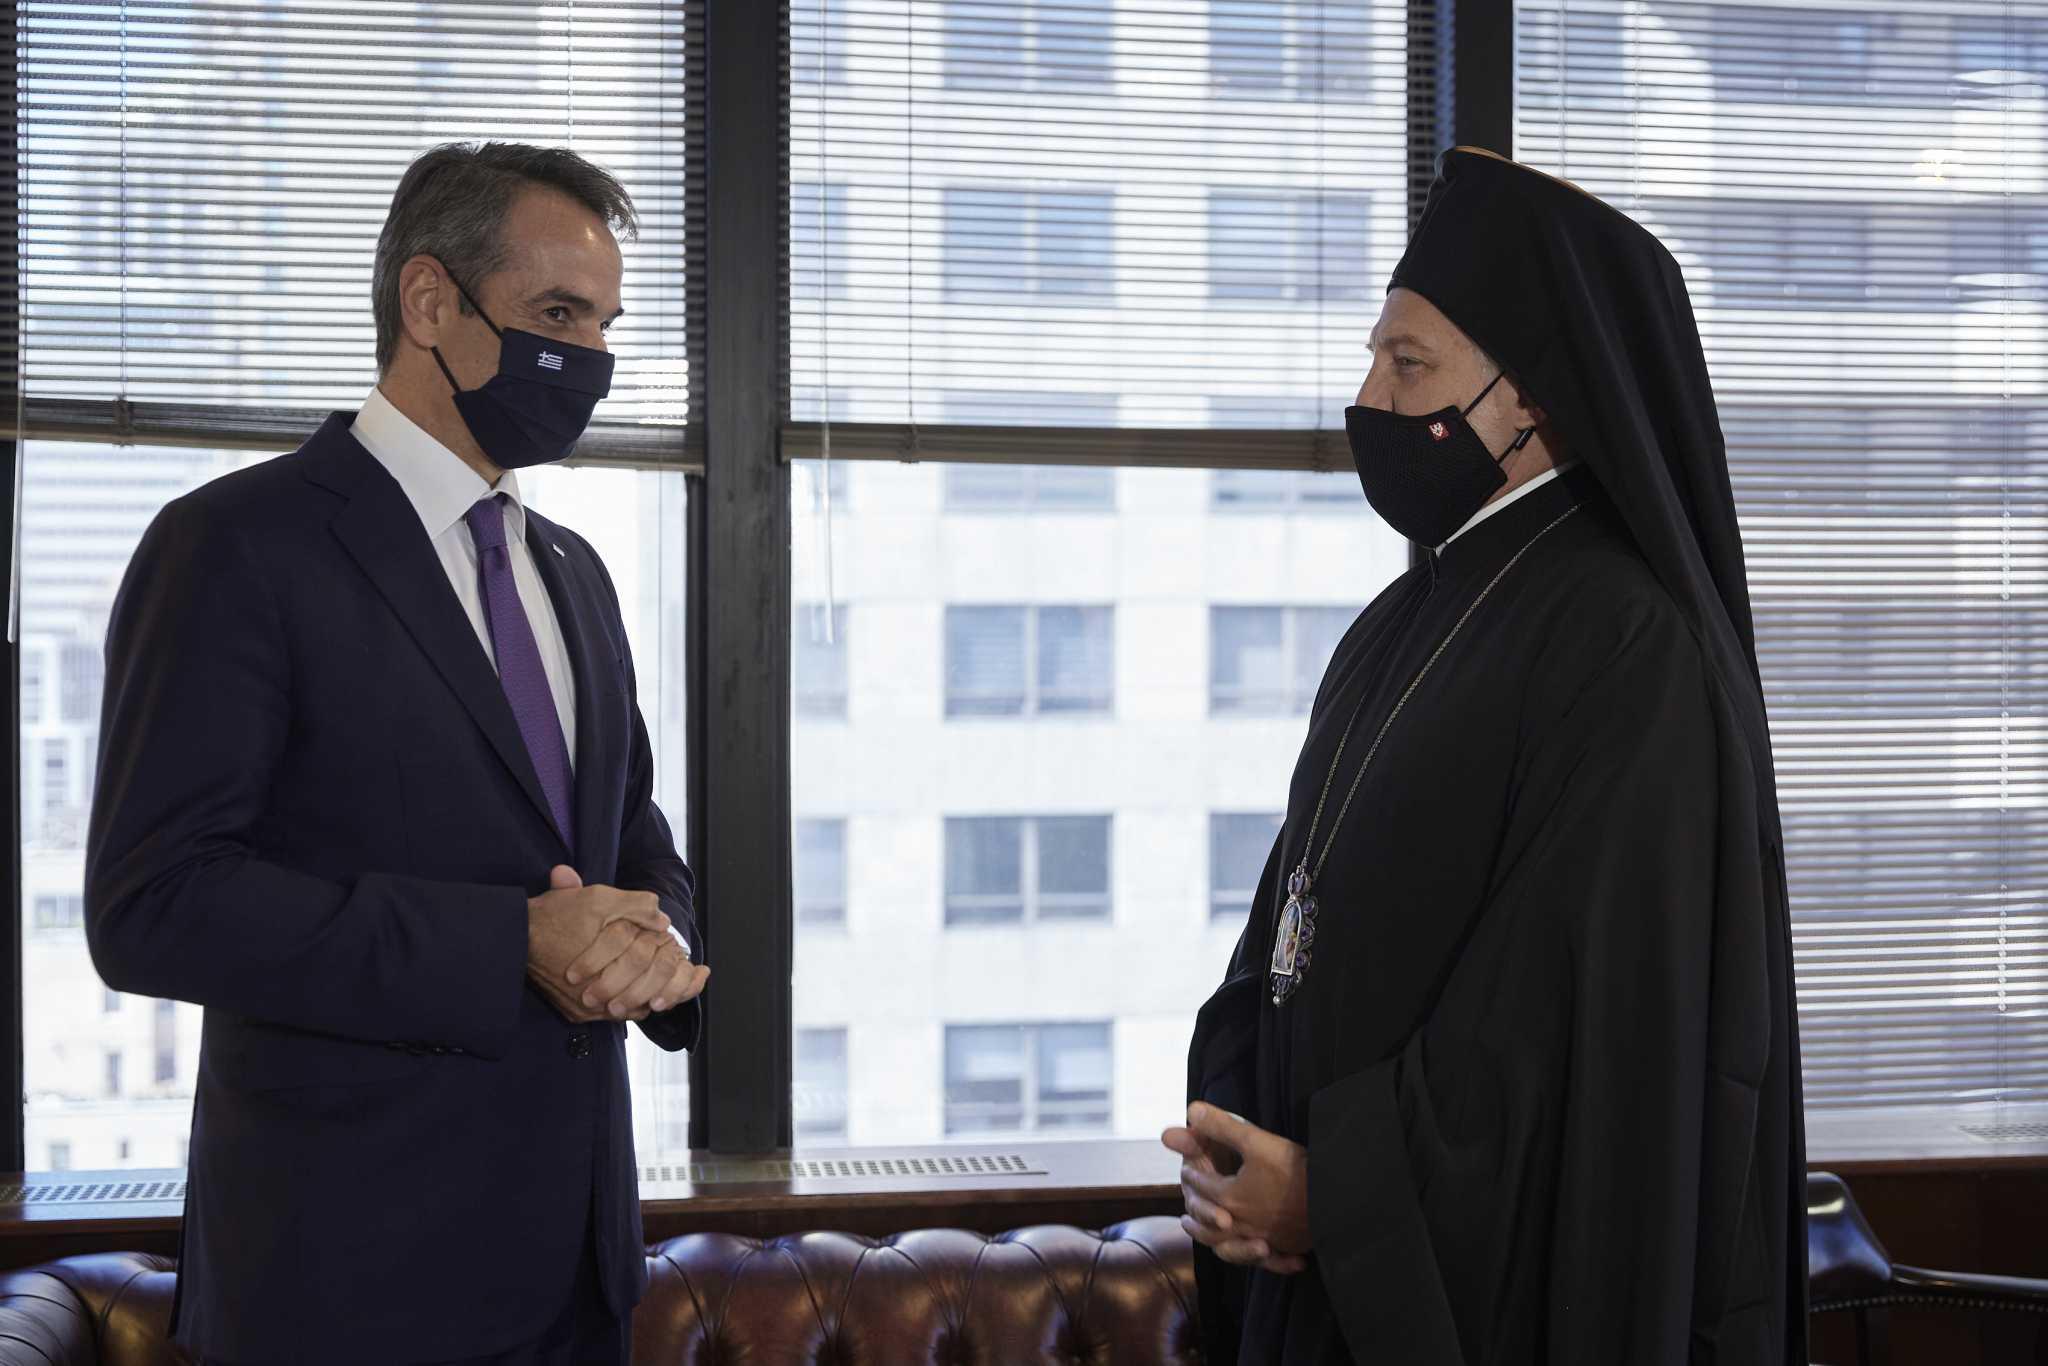 Κυριάκος Μητσοτάκης – Αρχιεπίσκοπος Αμερικής Ελπιδοφόρος: Συνάντηθηκαν στη Νέα Υόρκη και «δεν υπάρχει πια θέμα»